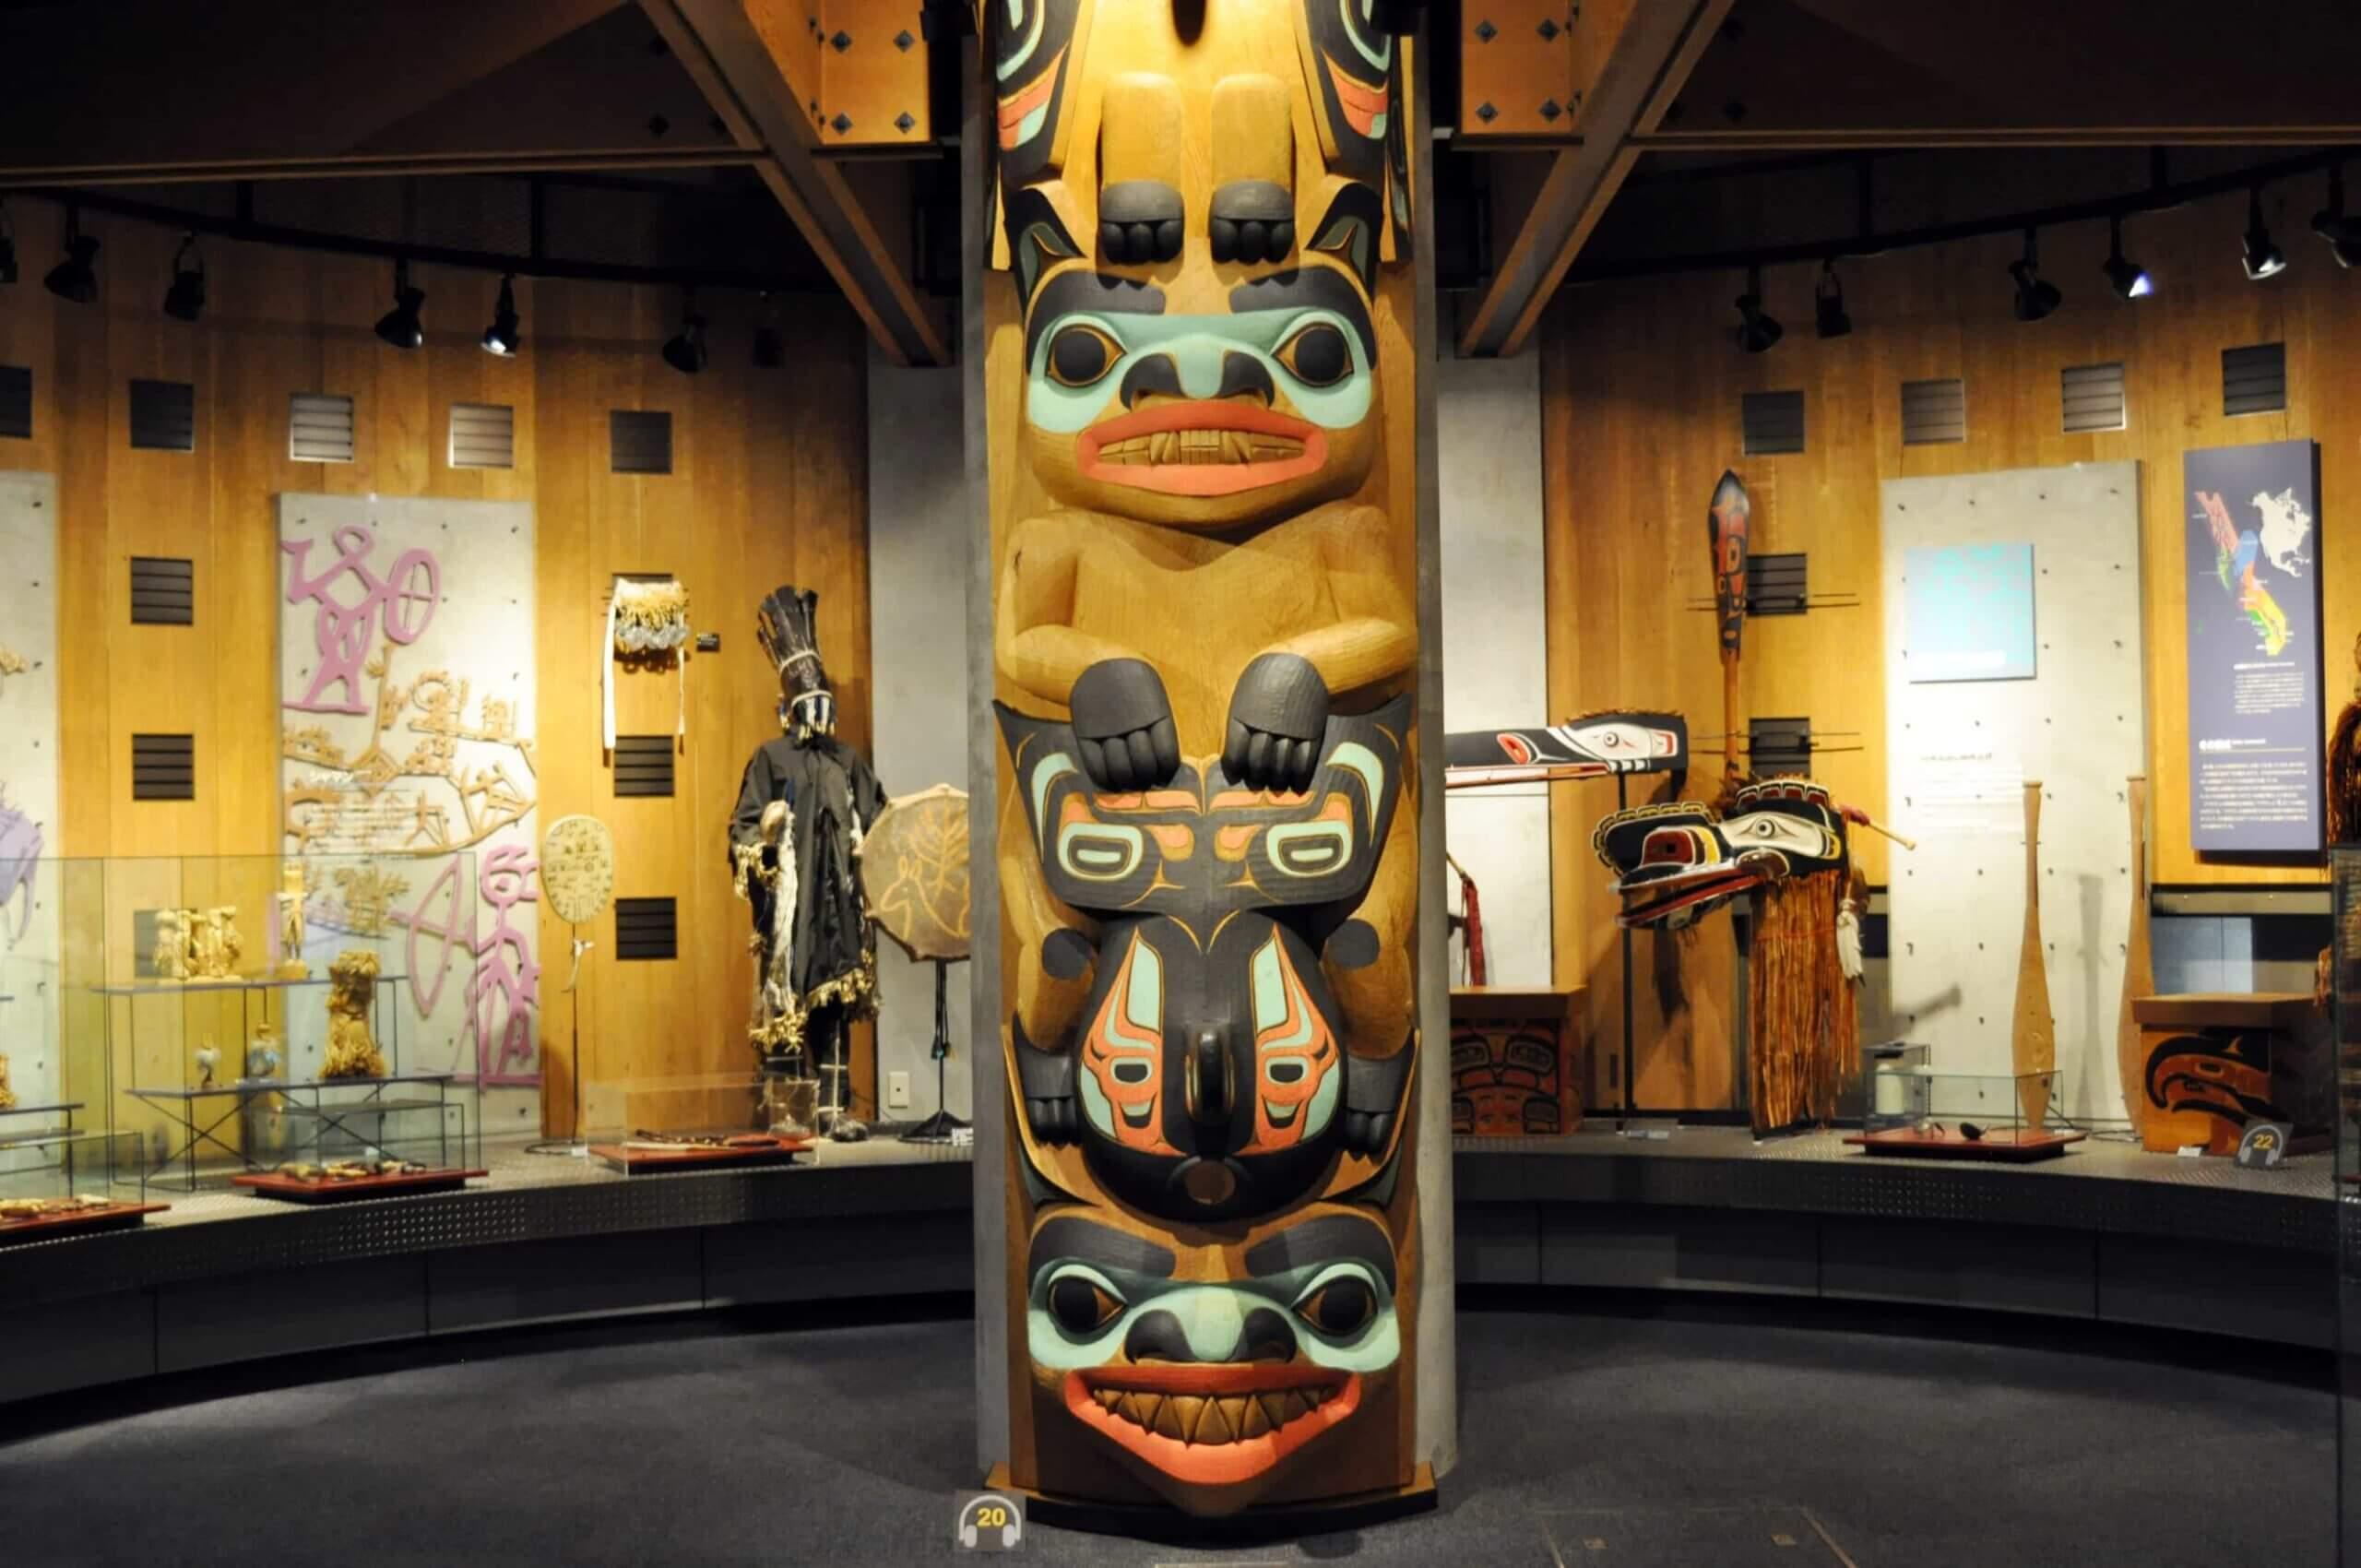 網走北方民族博物館:保存愛努文化的民俗博物館